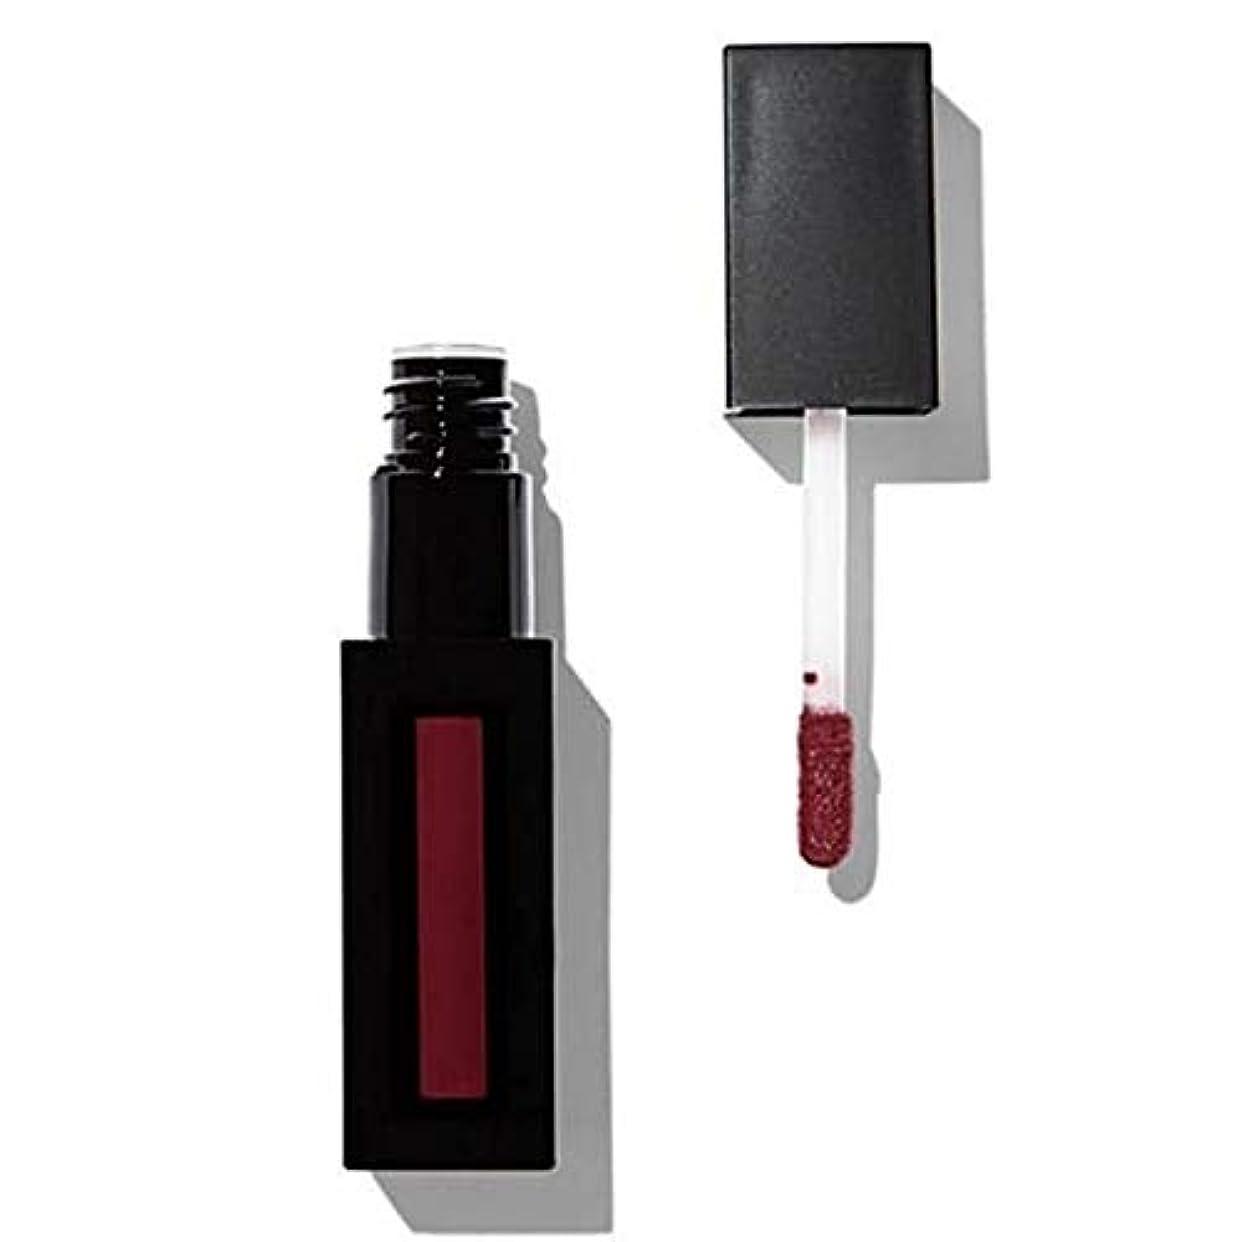 トランク大陸旅行[Revolution ] 革命プロ最高のマットリップ顔料先見の明 - Revolution Pro Supreme Matte Lip Pigment Foresight [並行輸入品]